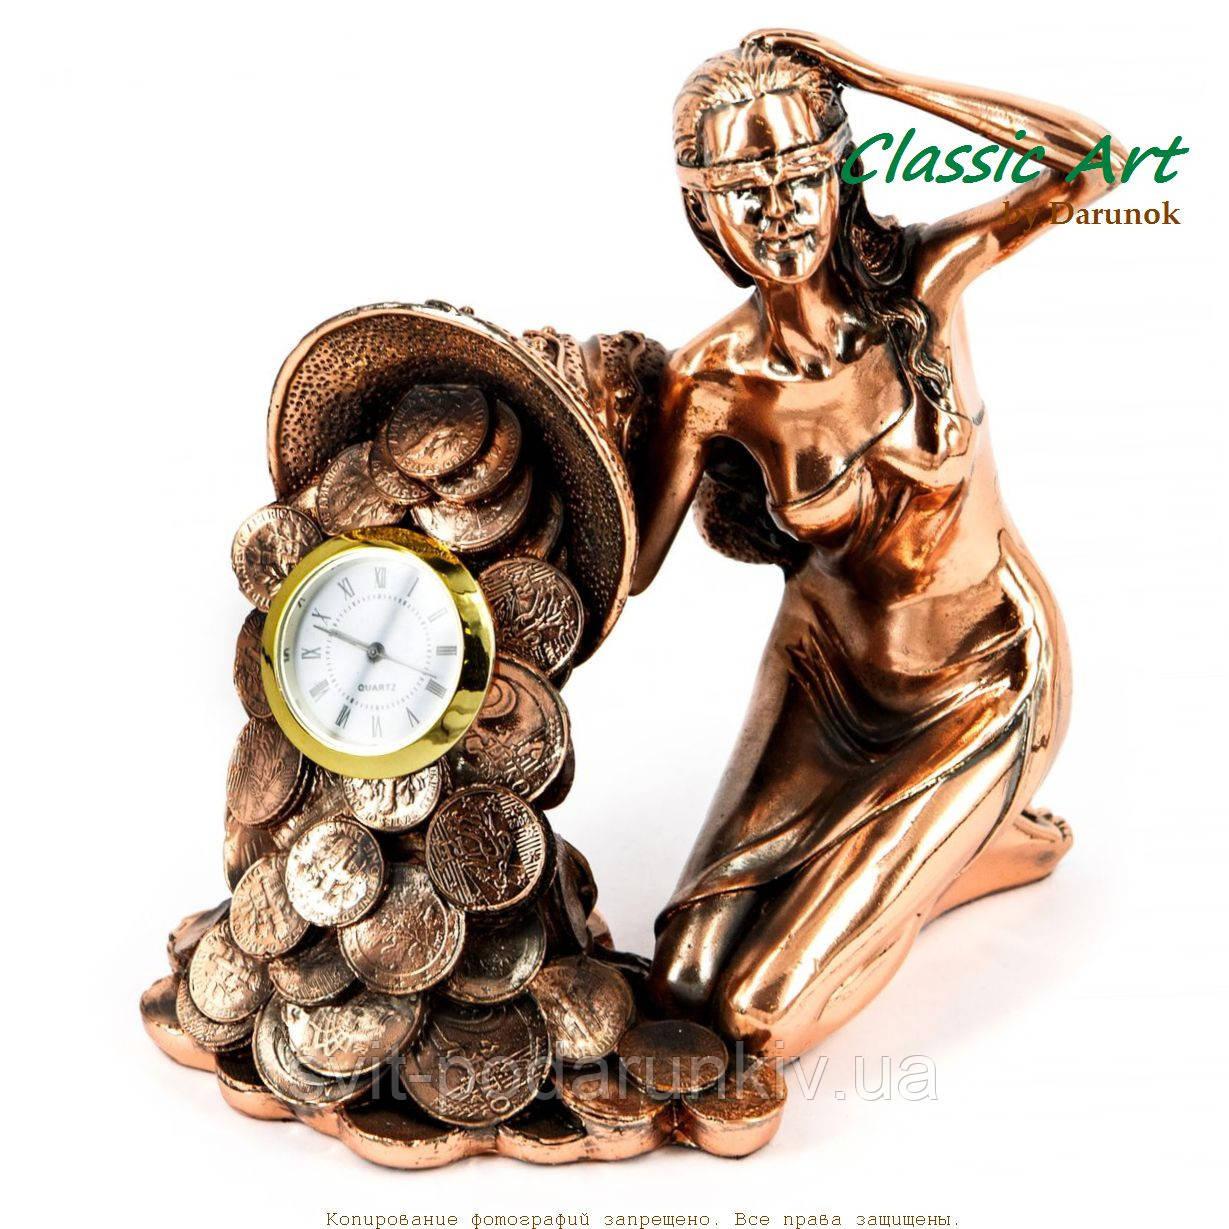 Купить часы настольные фортуна евросеть смарт часы купить